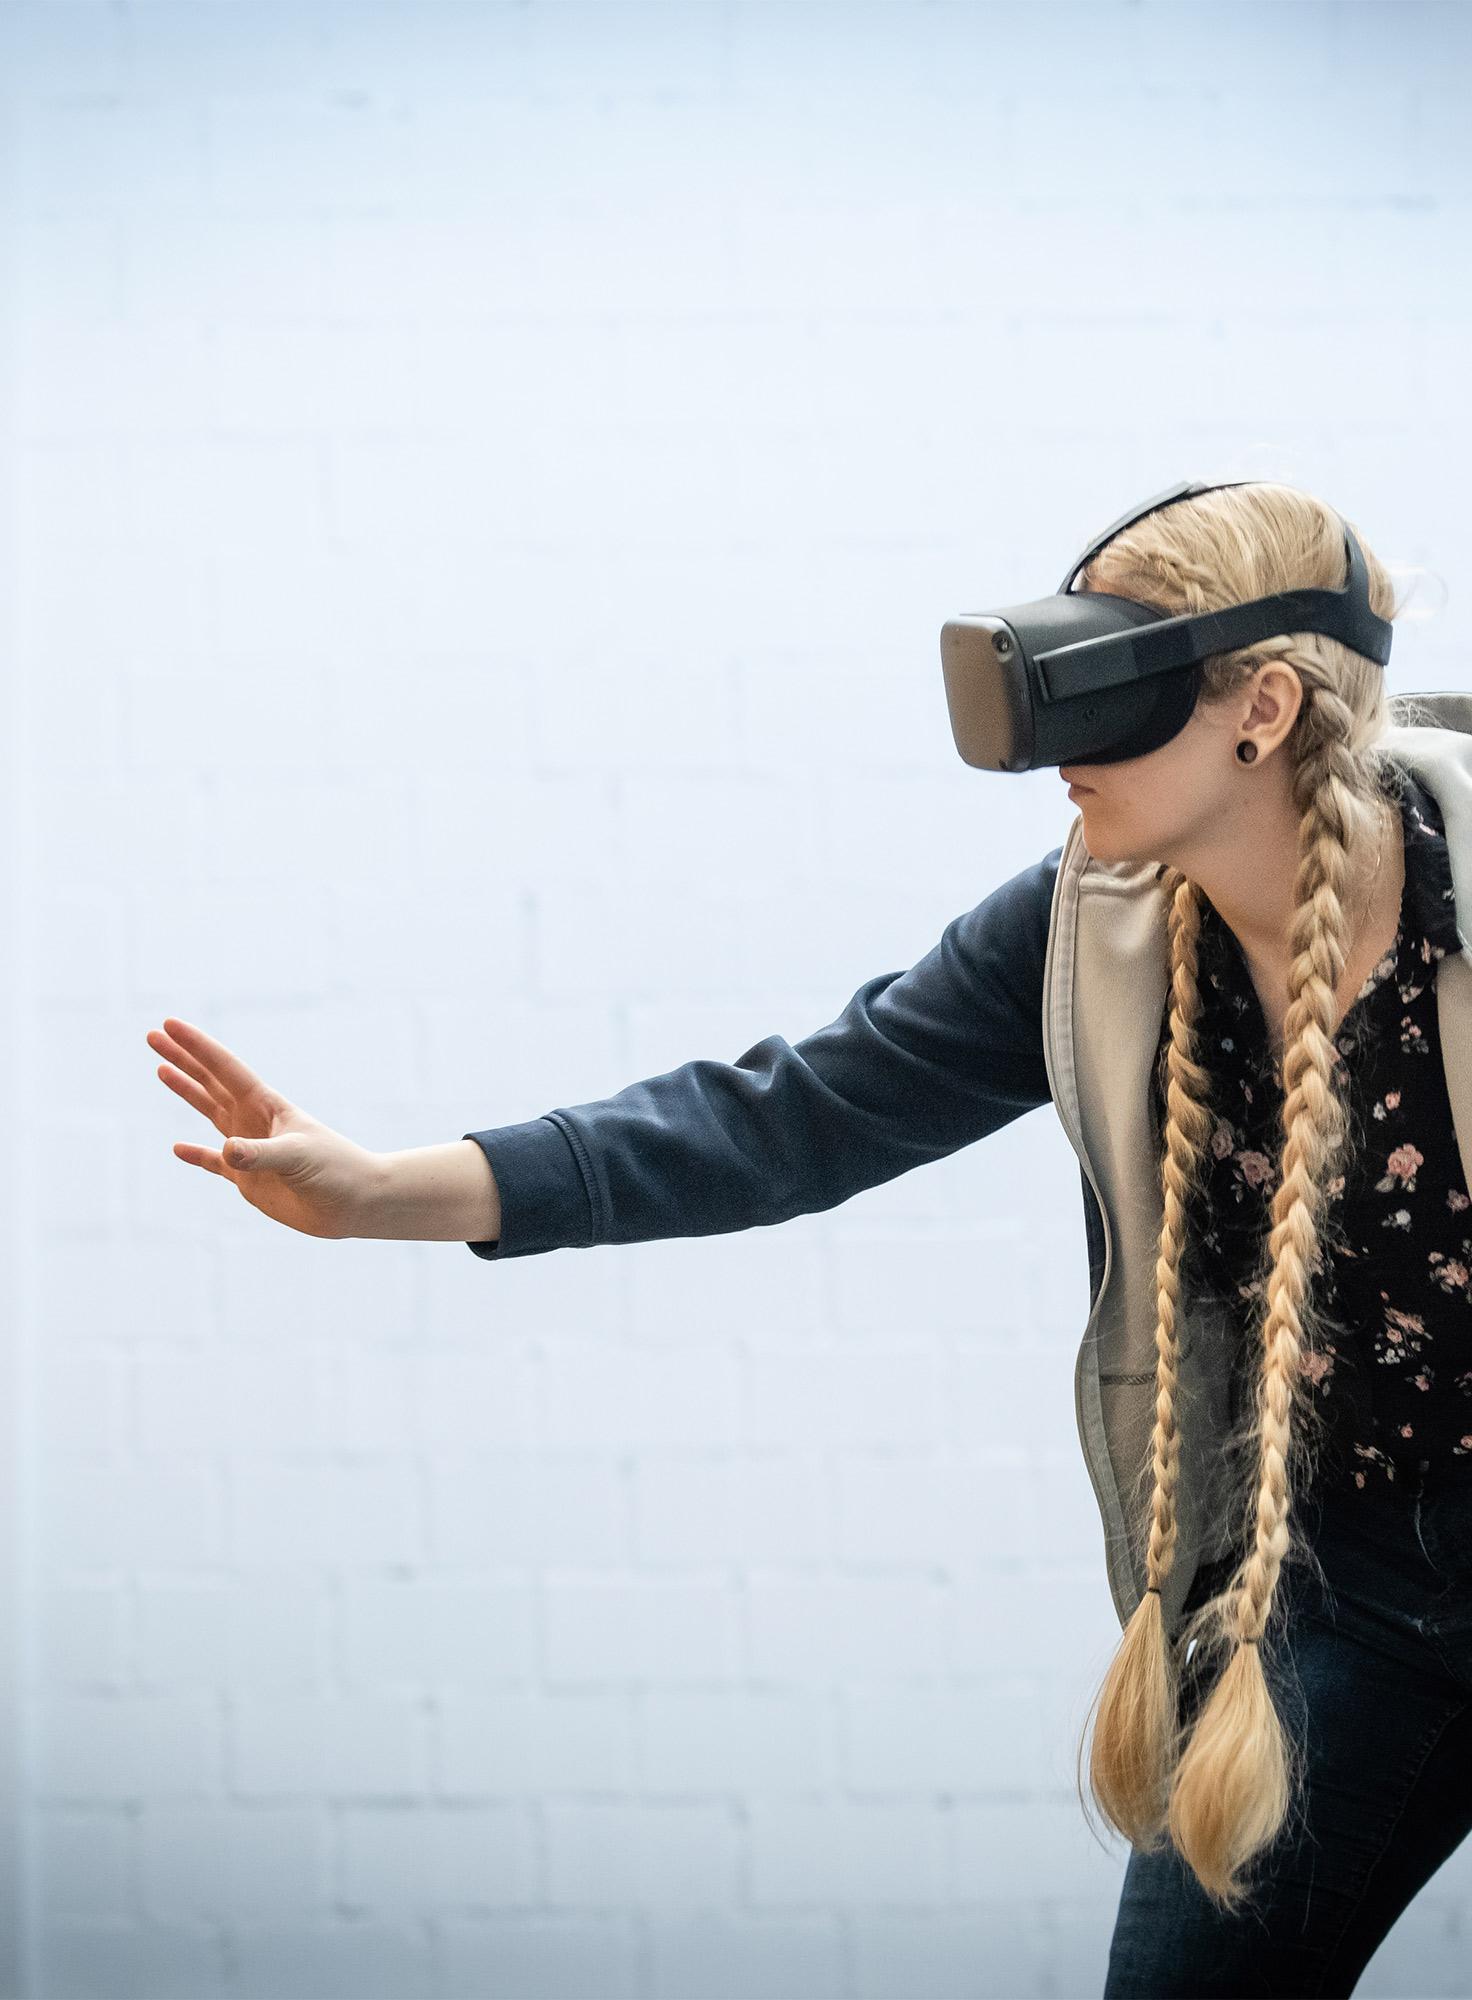 Frau mit VR-Brille tastet sich voran